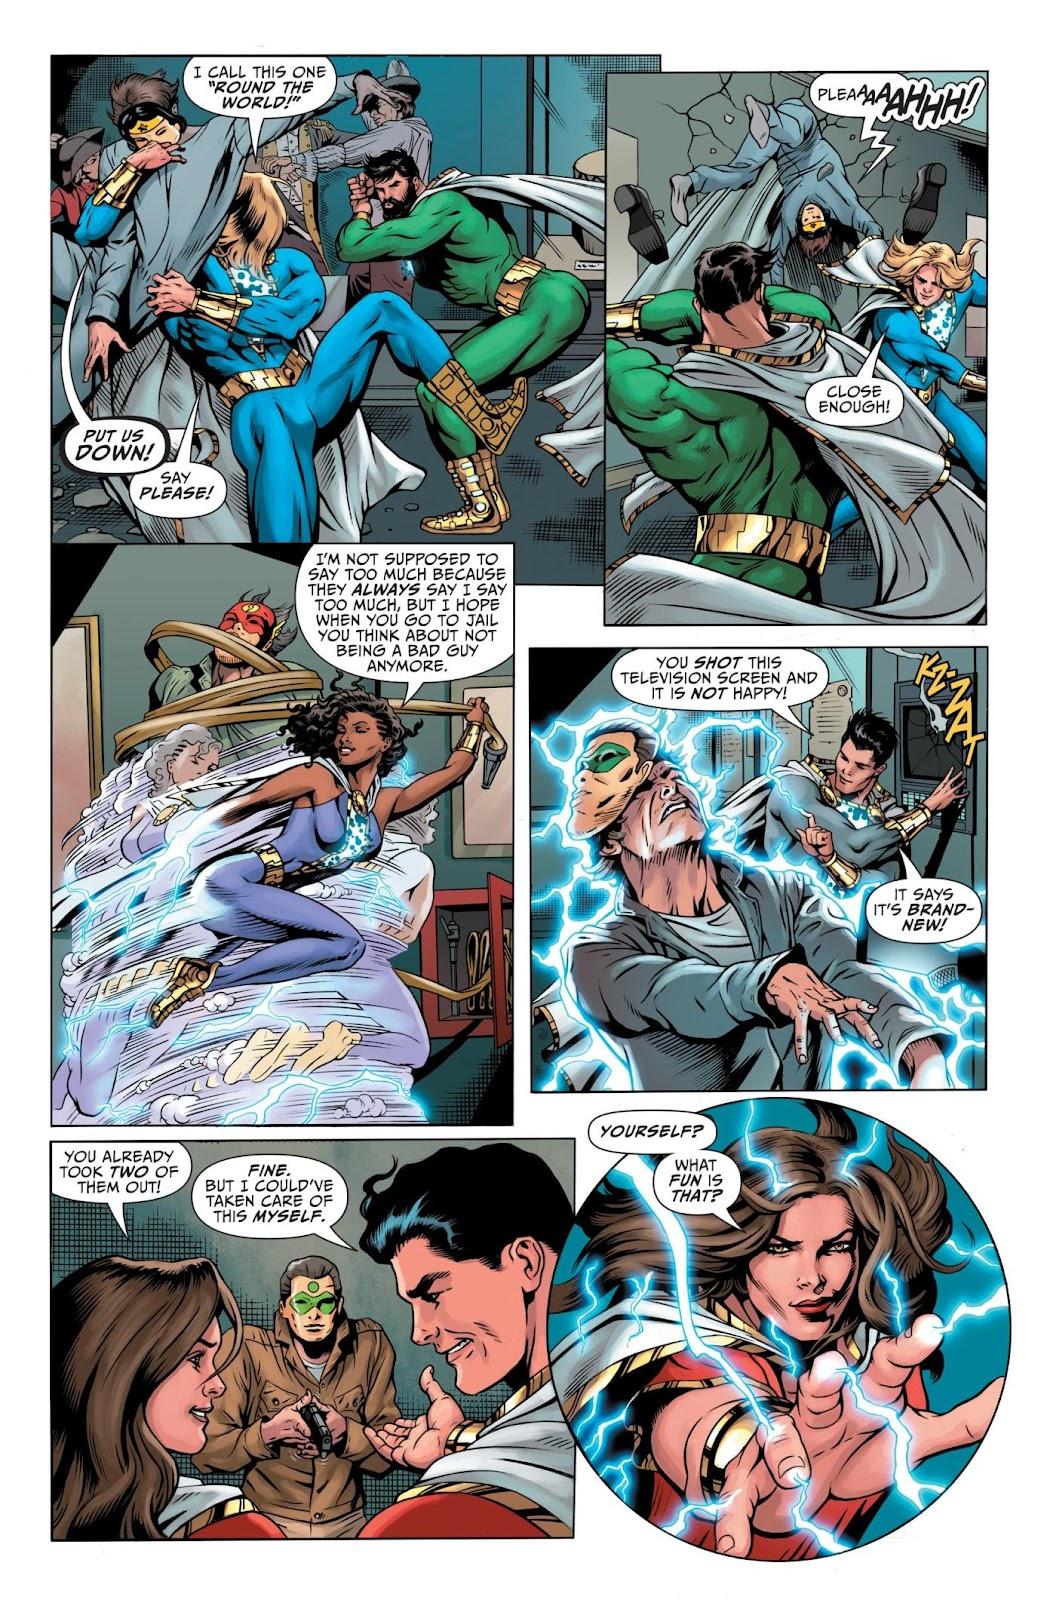 D:\Comics66\Shazam\shazam01\Shazam01pic\Shazam! (2018-) 001-010.jpg